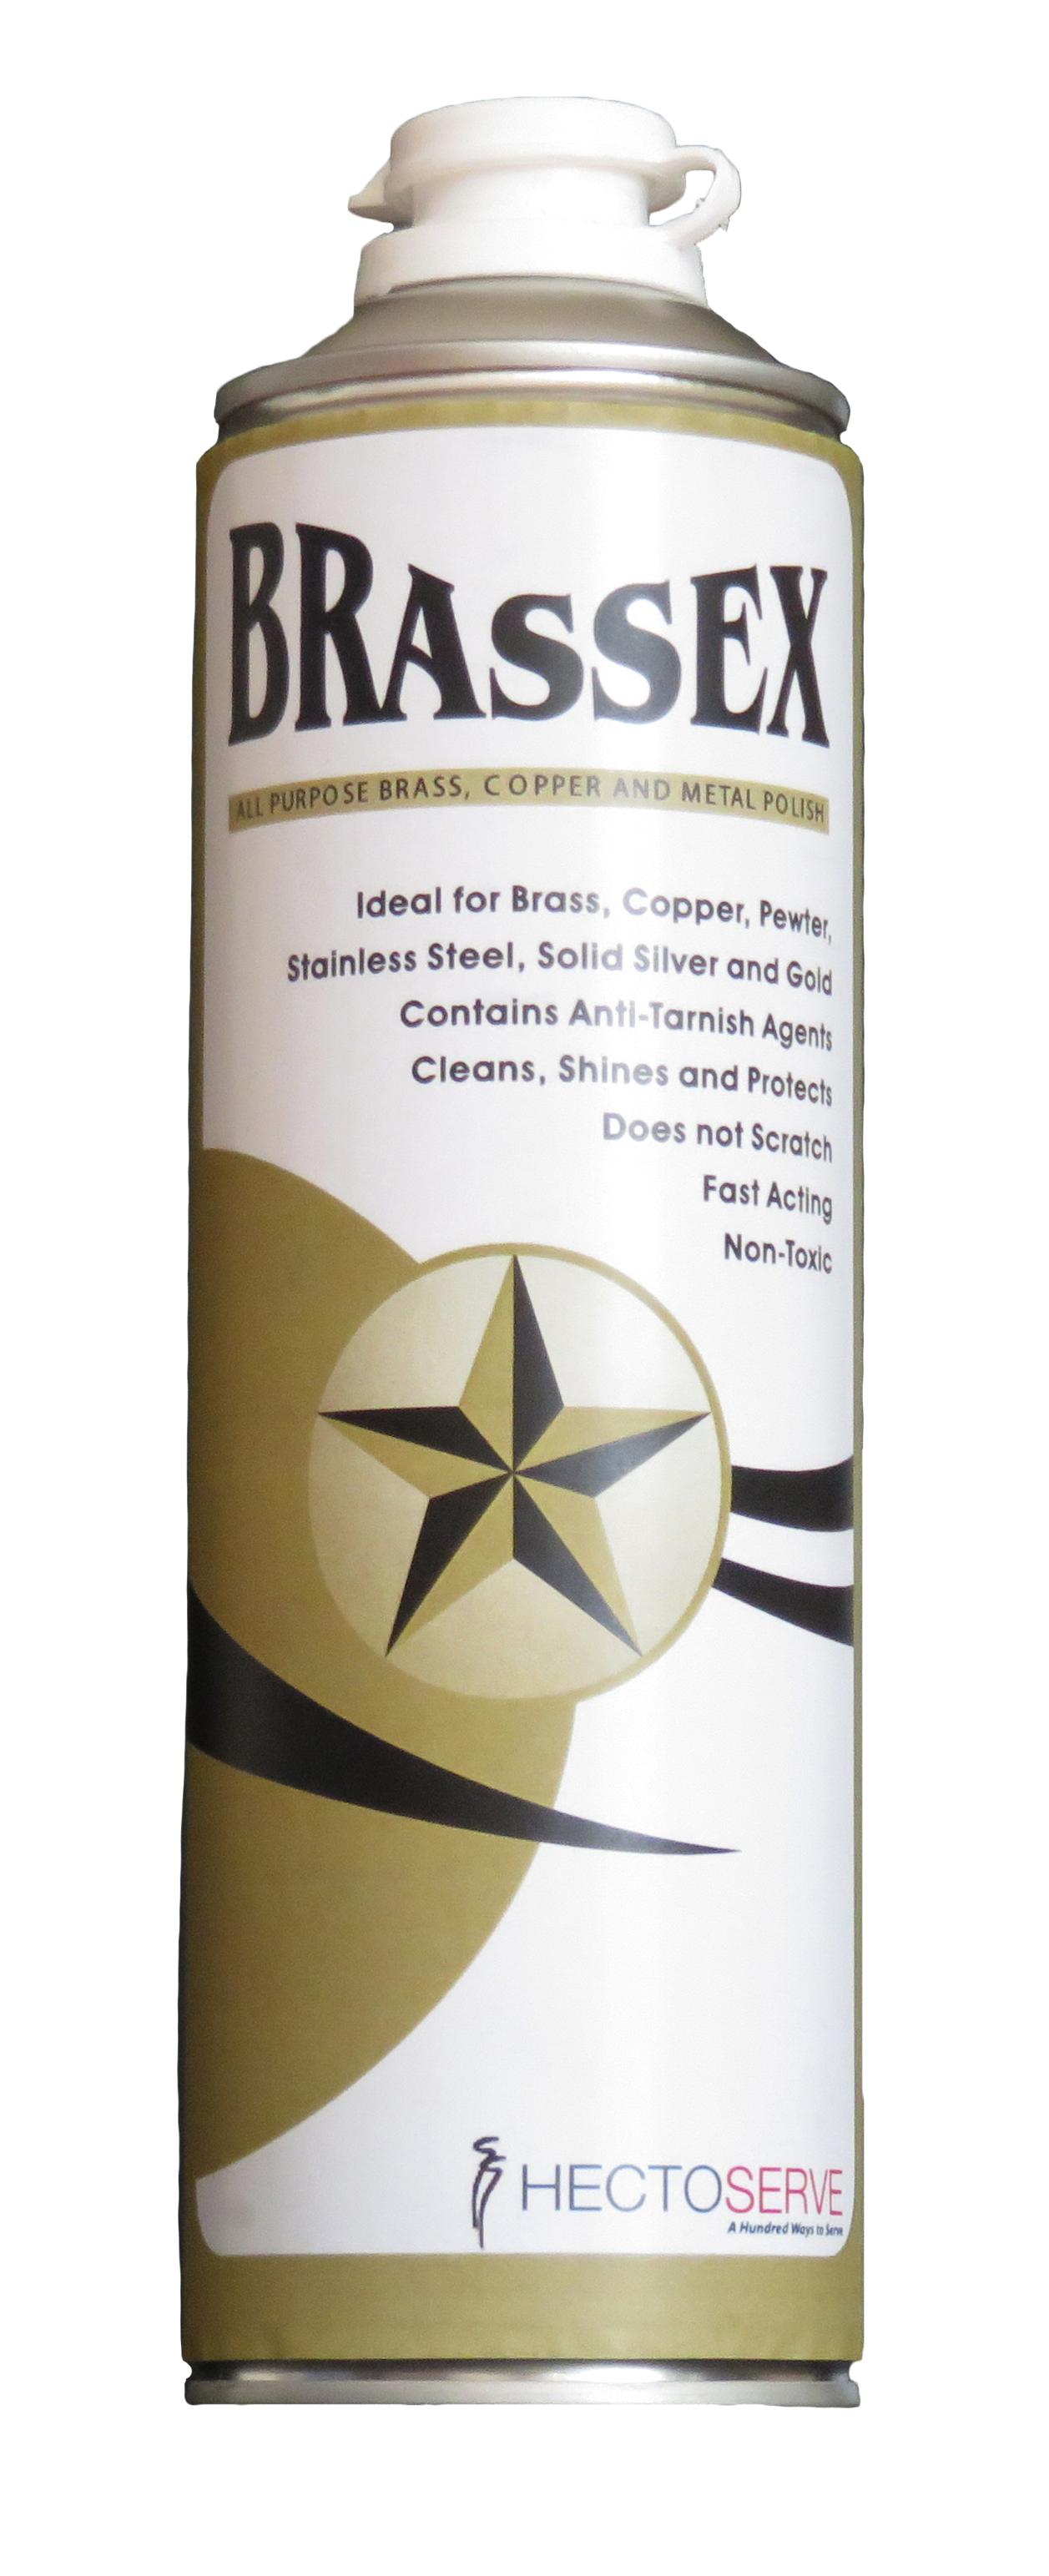 Hectoserve Brassex Brass Cleaner